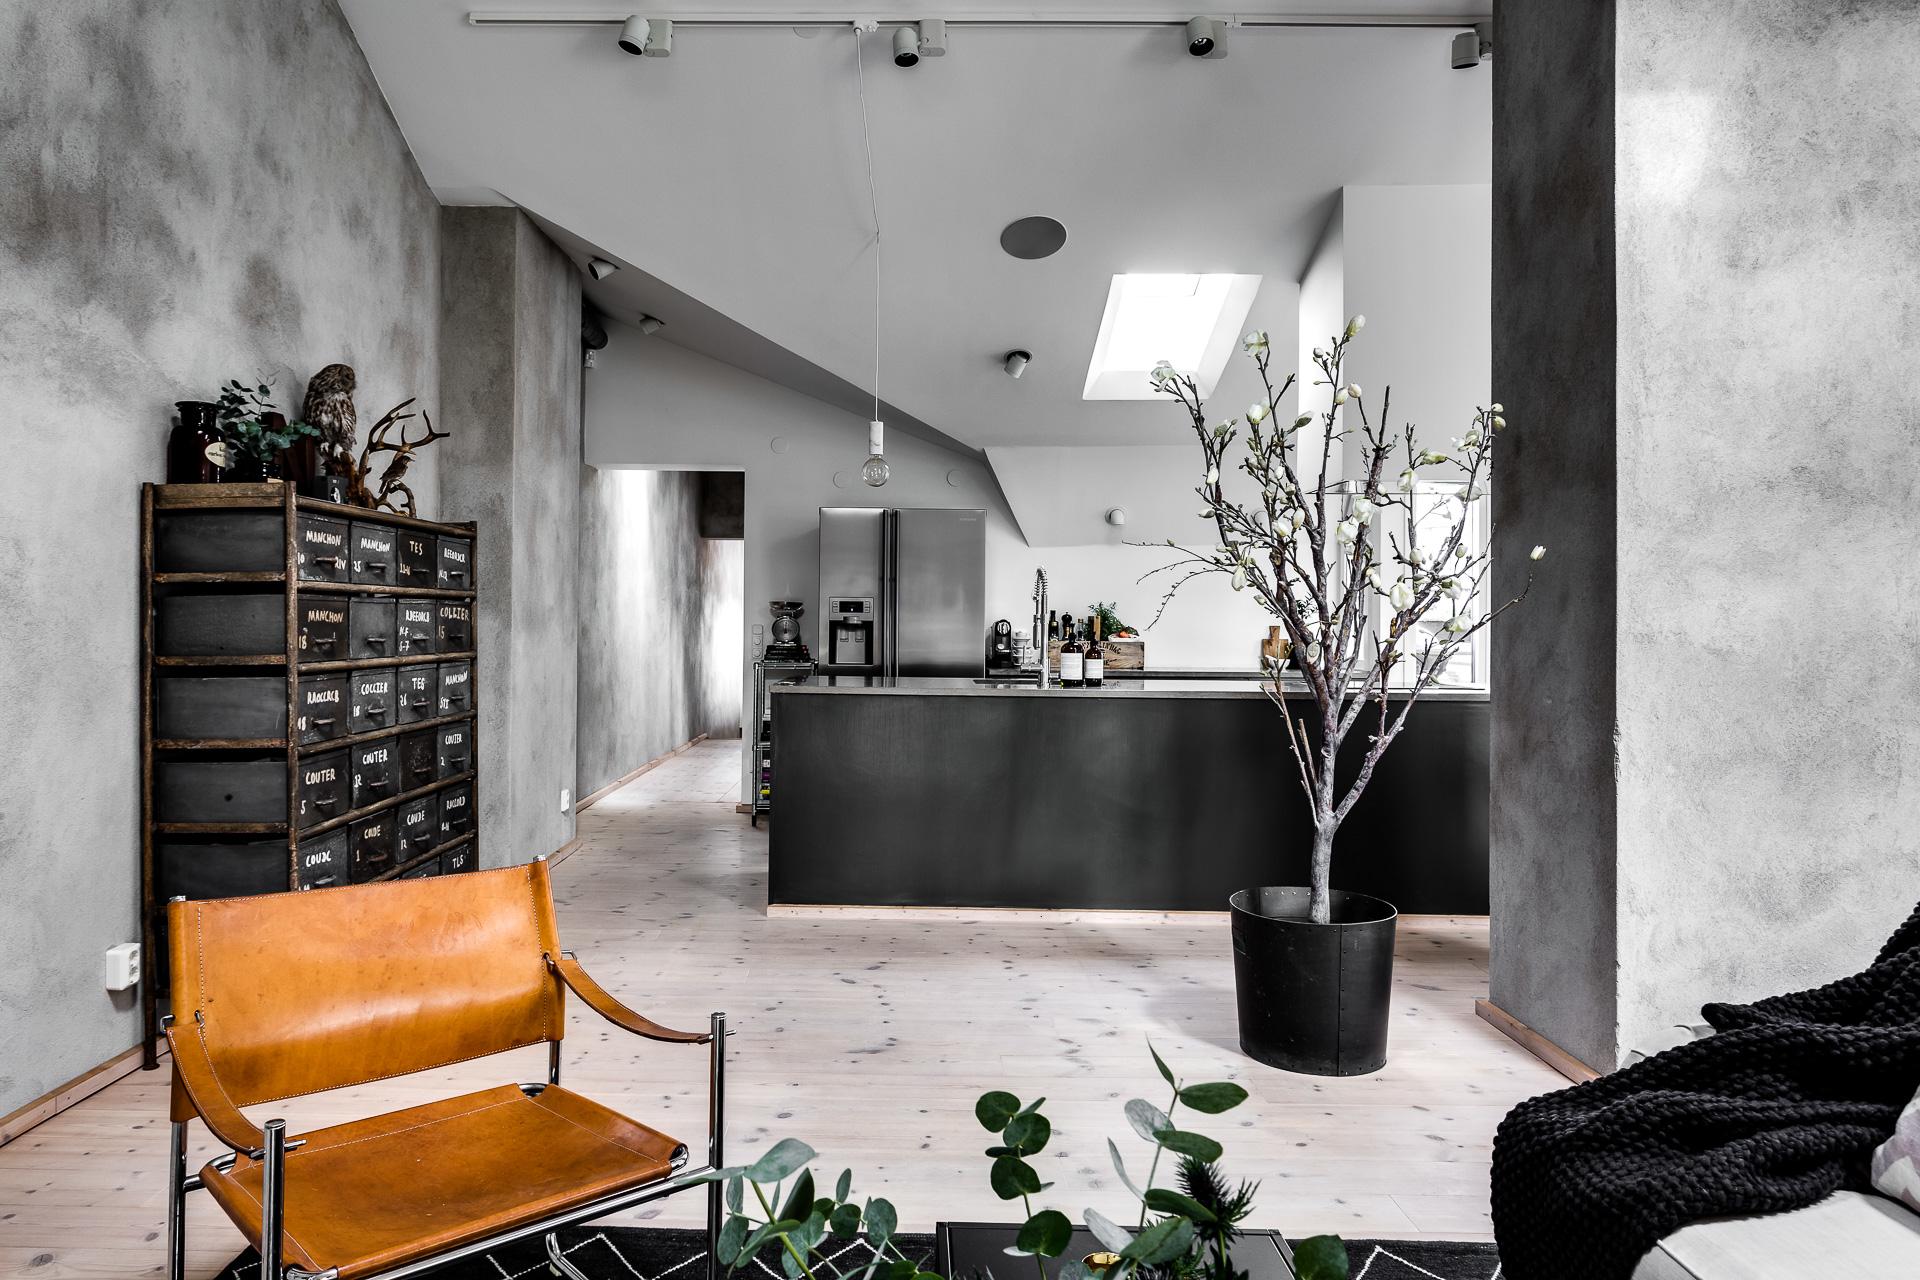 Keuken Zweeds Design : Stoere moderne keuken met breed kookeiland interieur inrichting